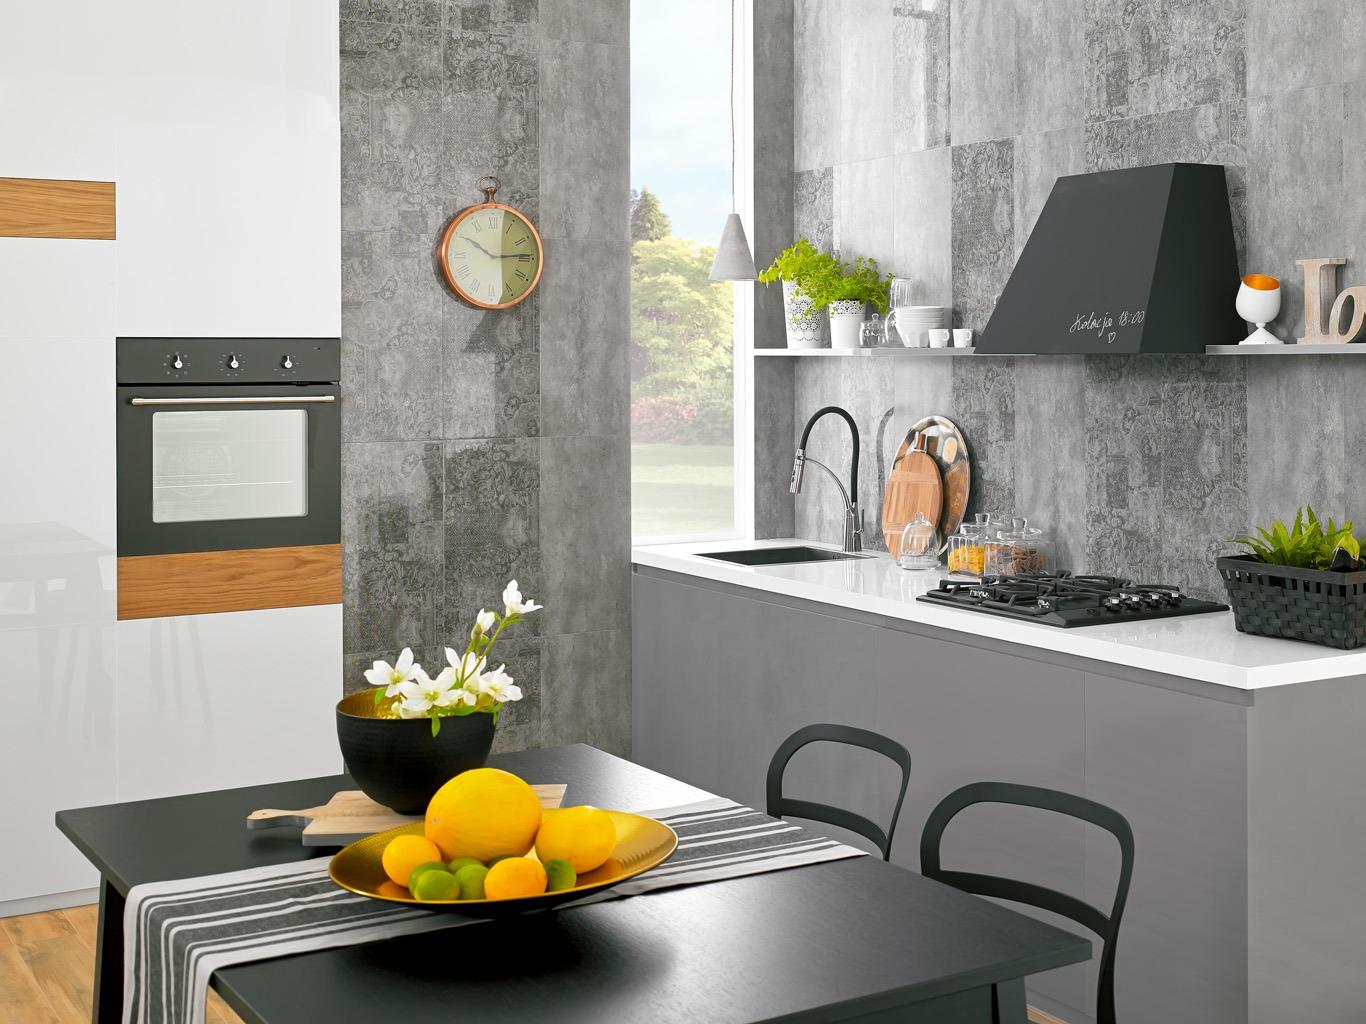 Płytki, kuchenne  eplytki pl do kuchni, glazura, terakota, kafelki, flizy,   -> Castorama Kuchnia Plytki